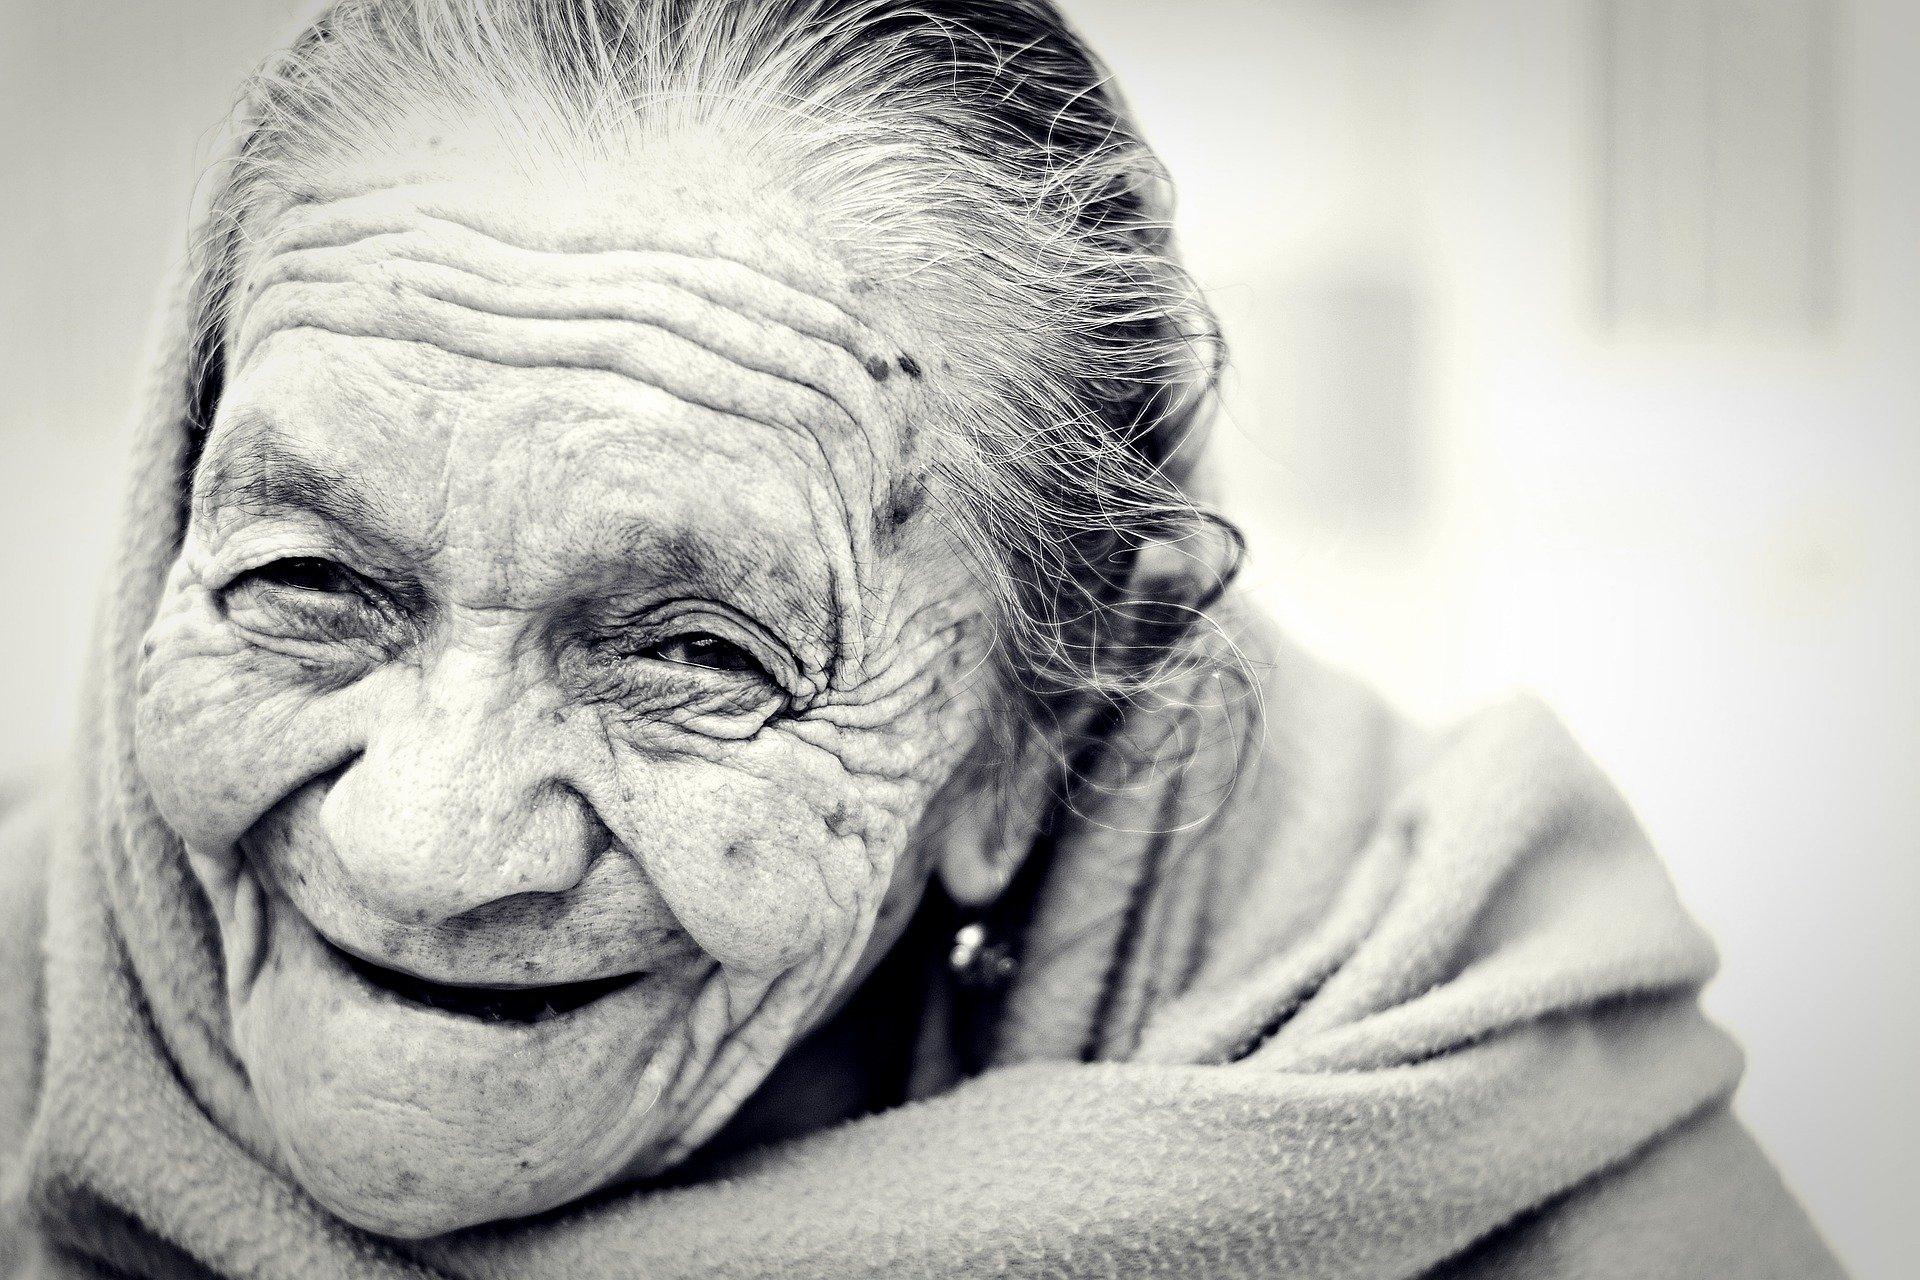 Iniciativa da Fecap Social  leva cartas a idosos durante pandemia